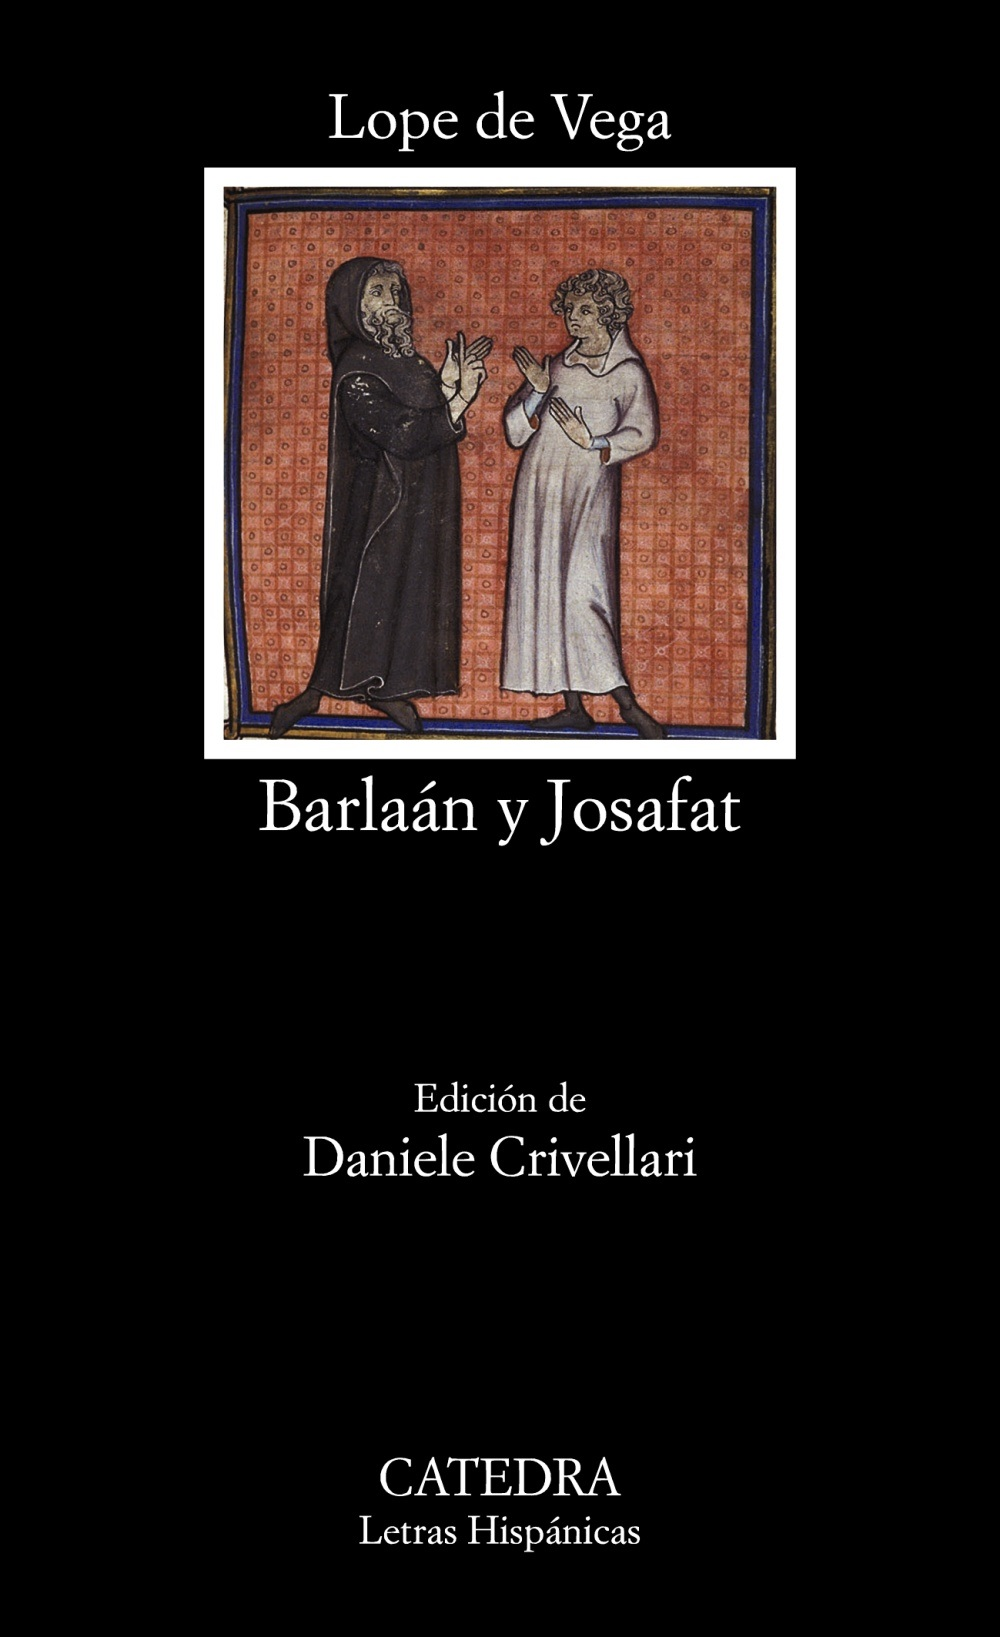 Lope de Vega, Barlaán y Josafat